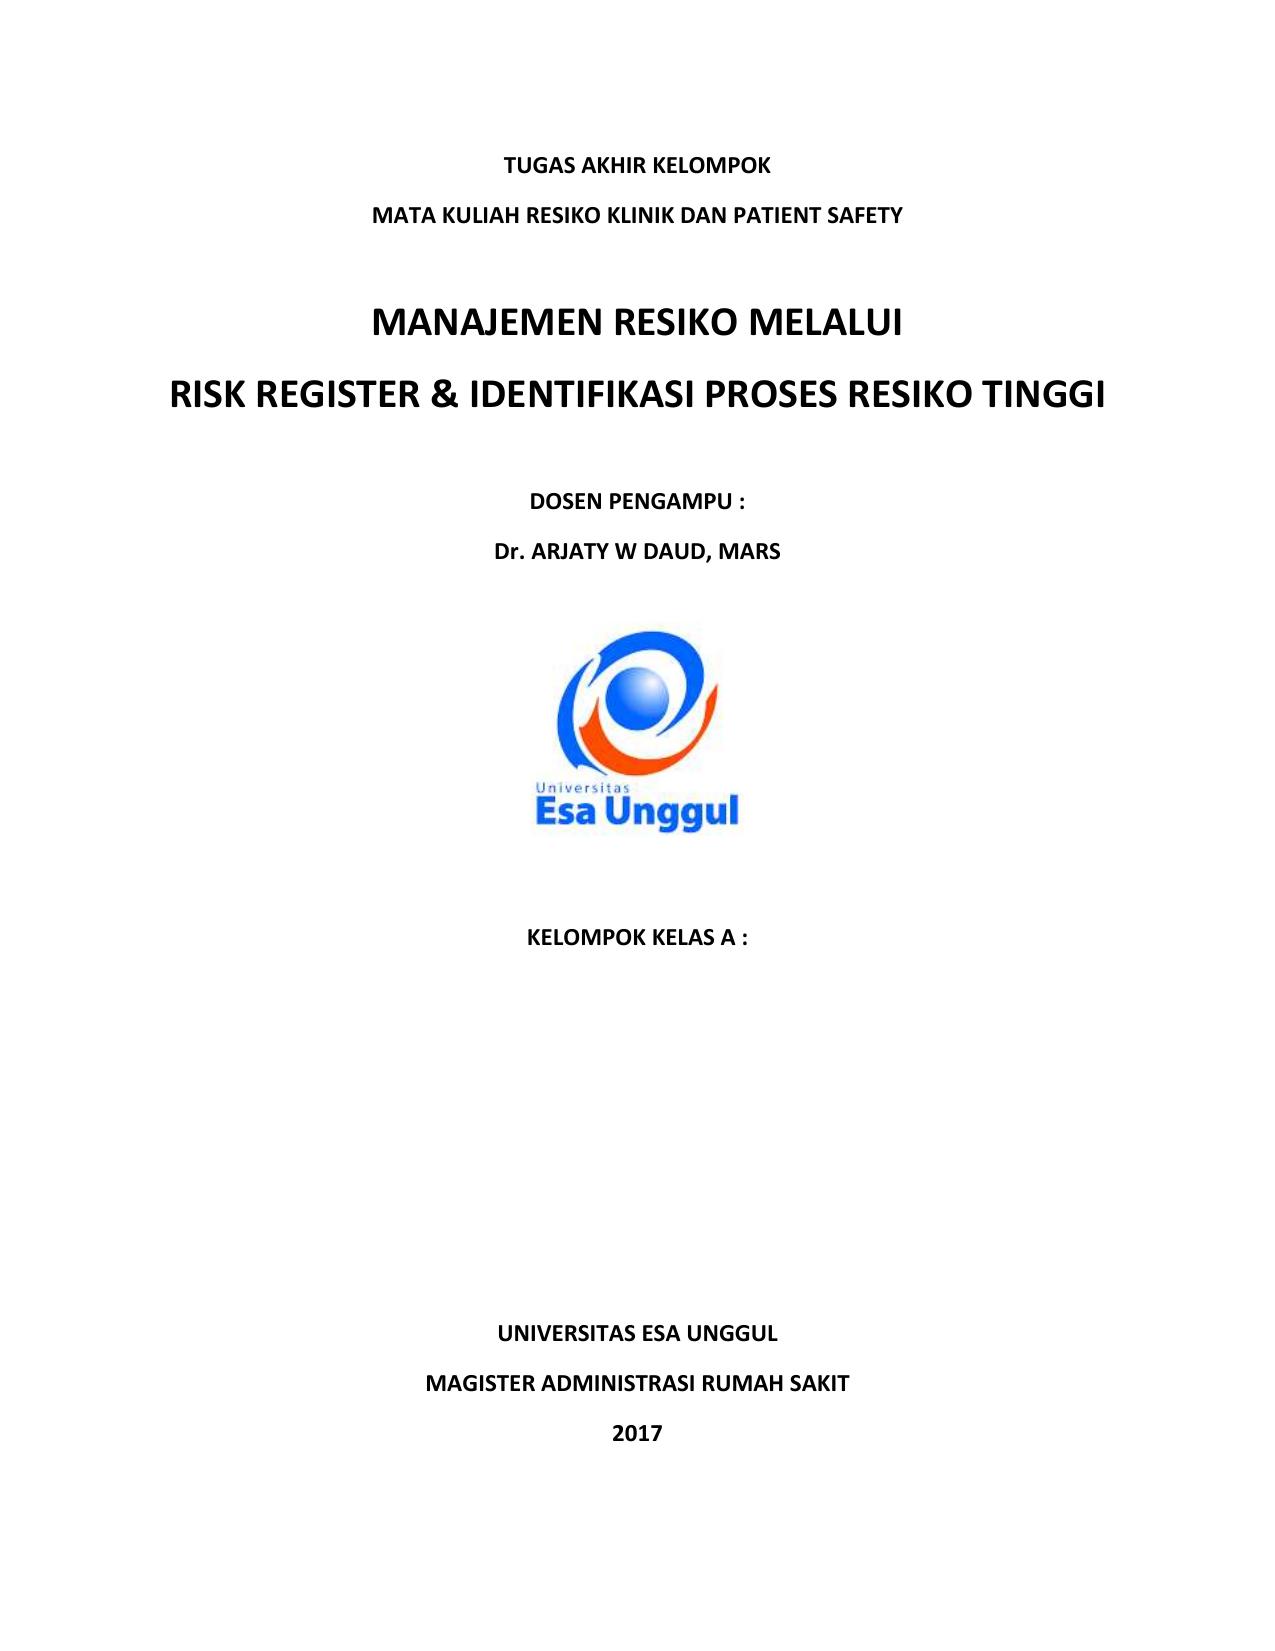 Makalah Manajemen Resiko Risk Register Tugas 1